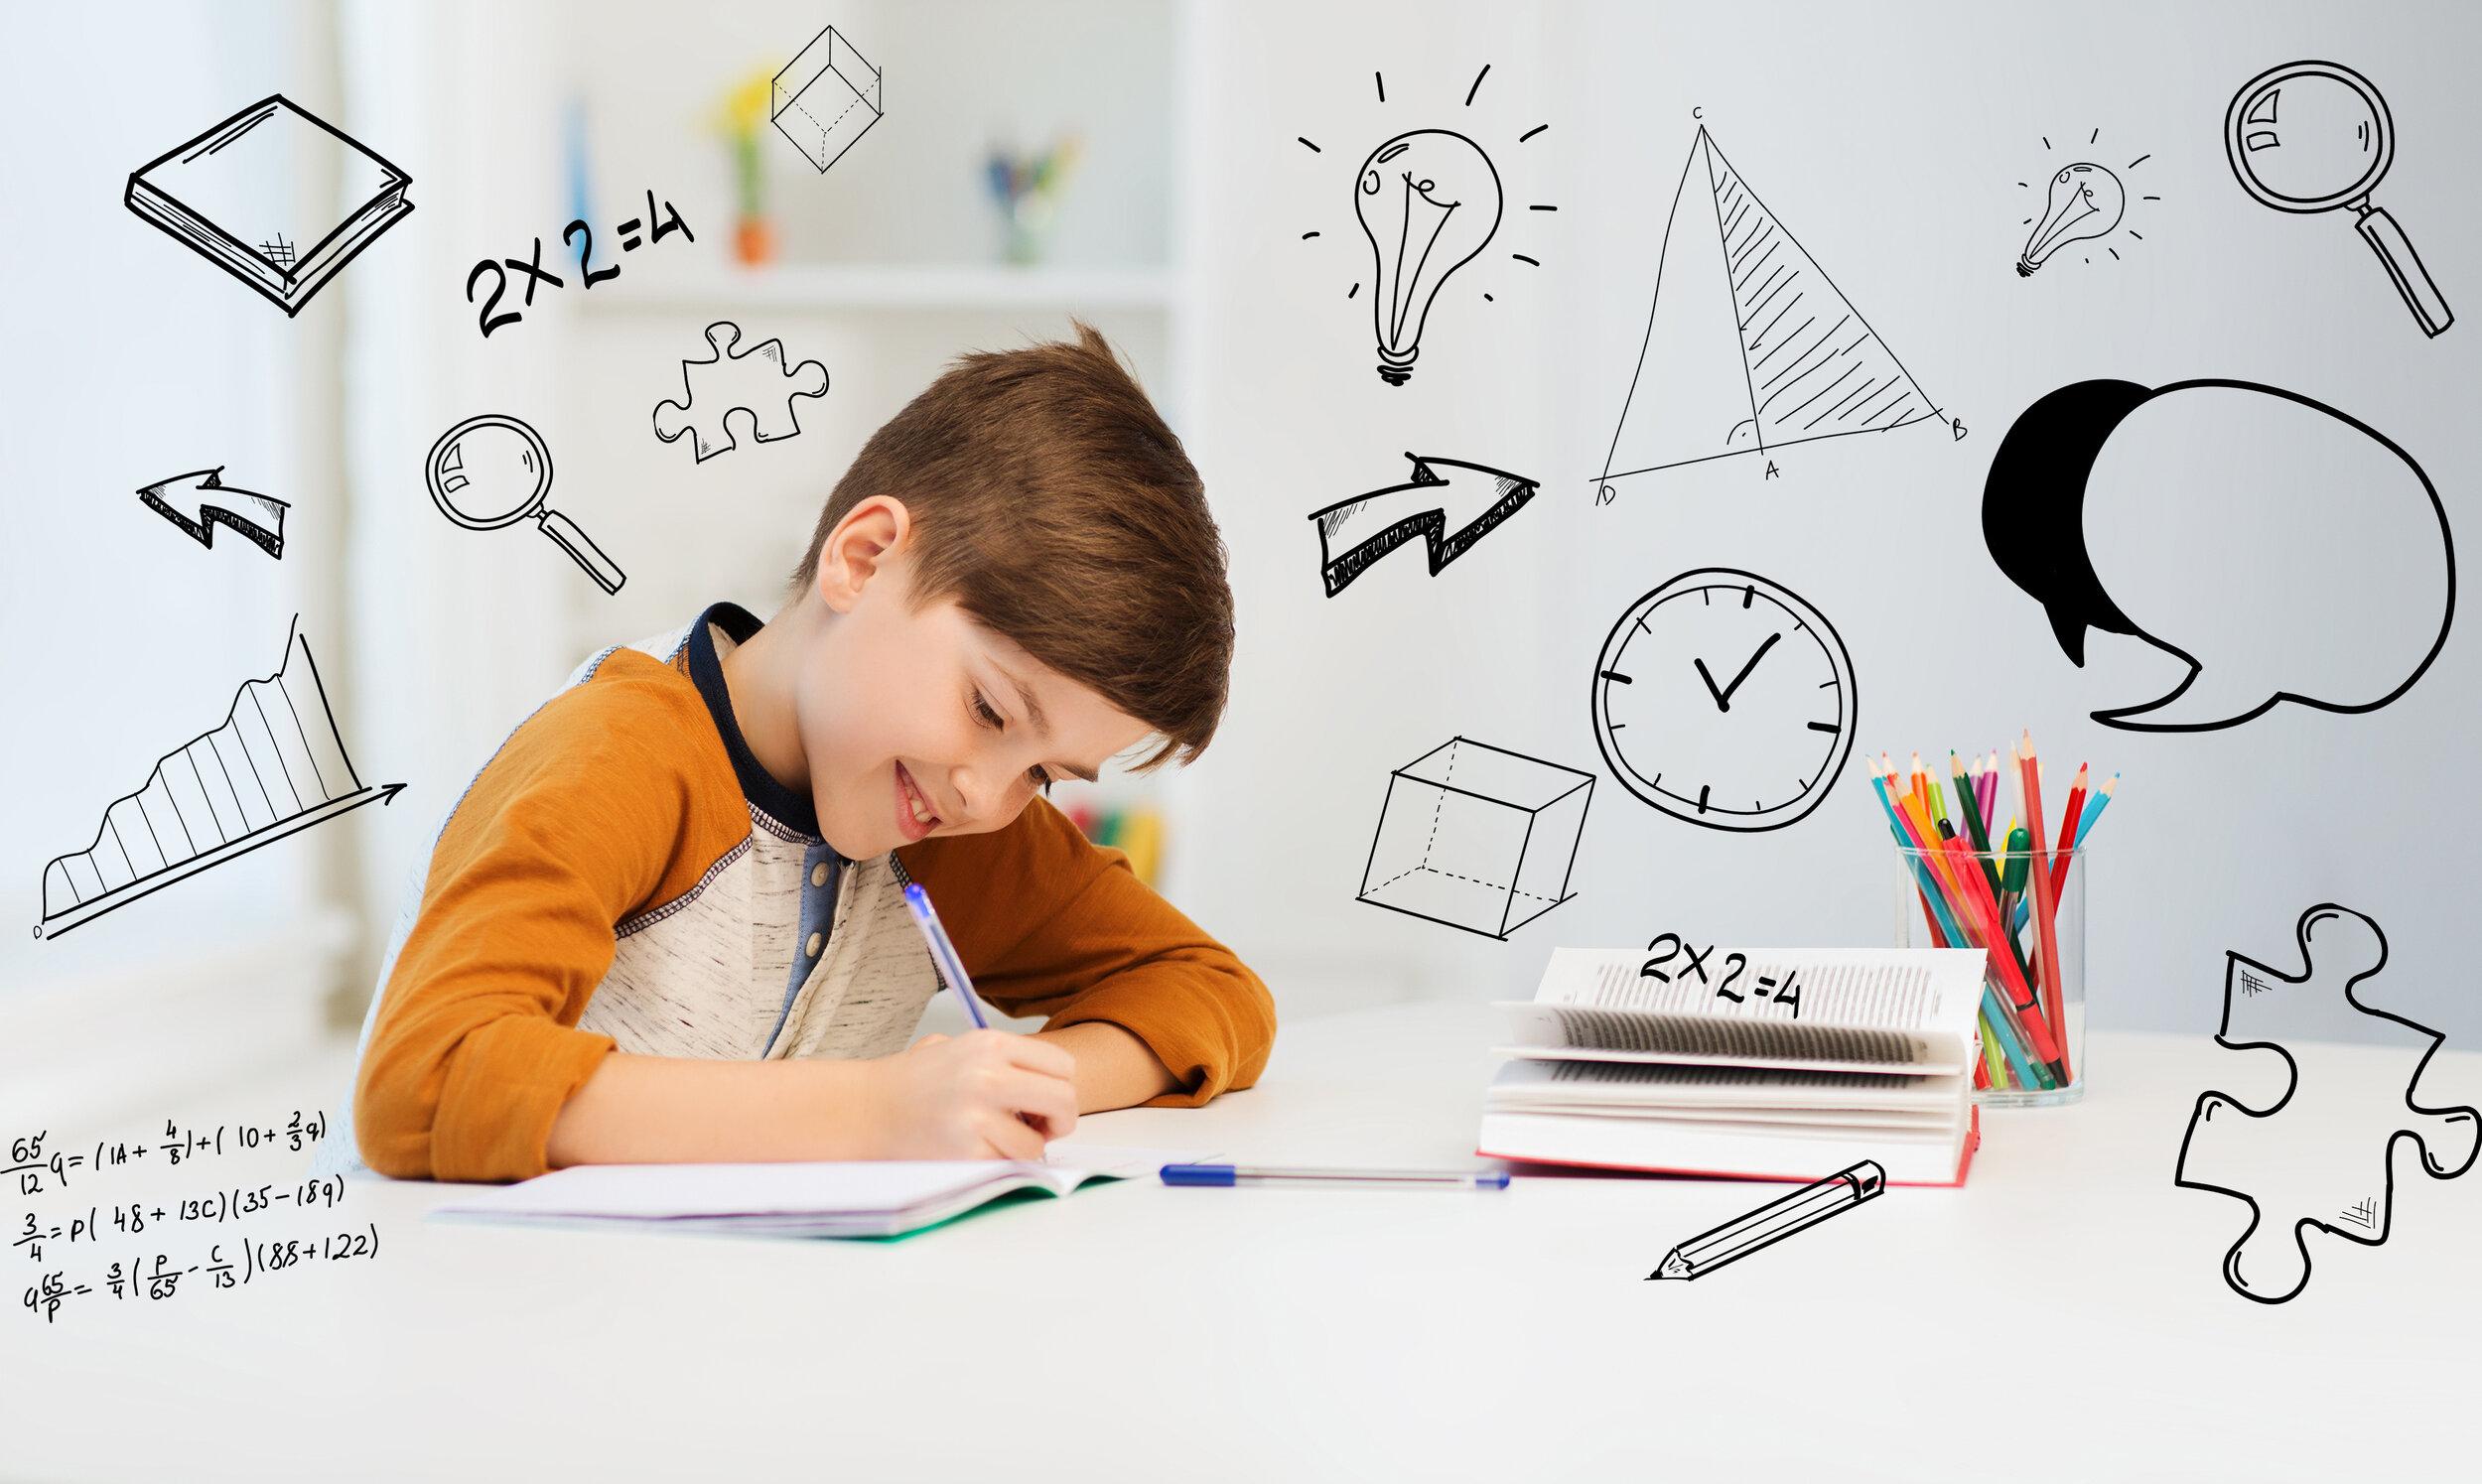 小中高生向け)3月に無償で活用できるオンライン学習サービス一覧(4 ...